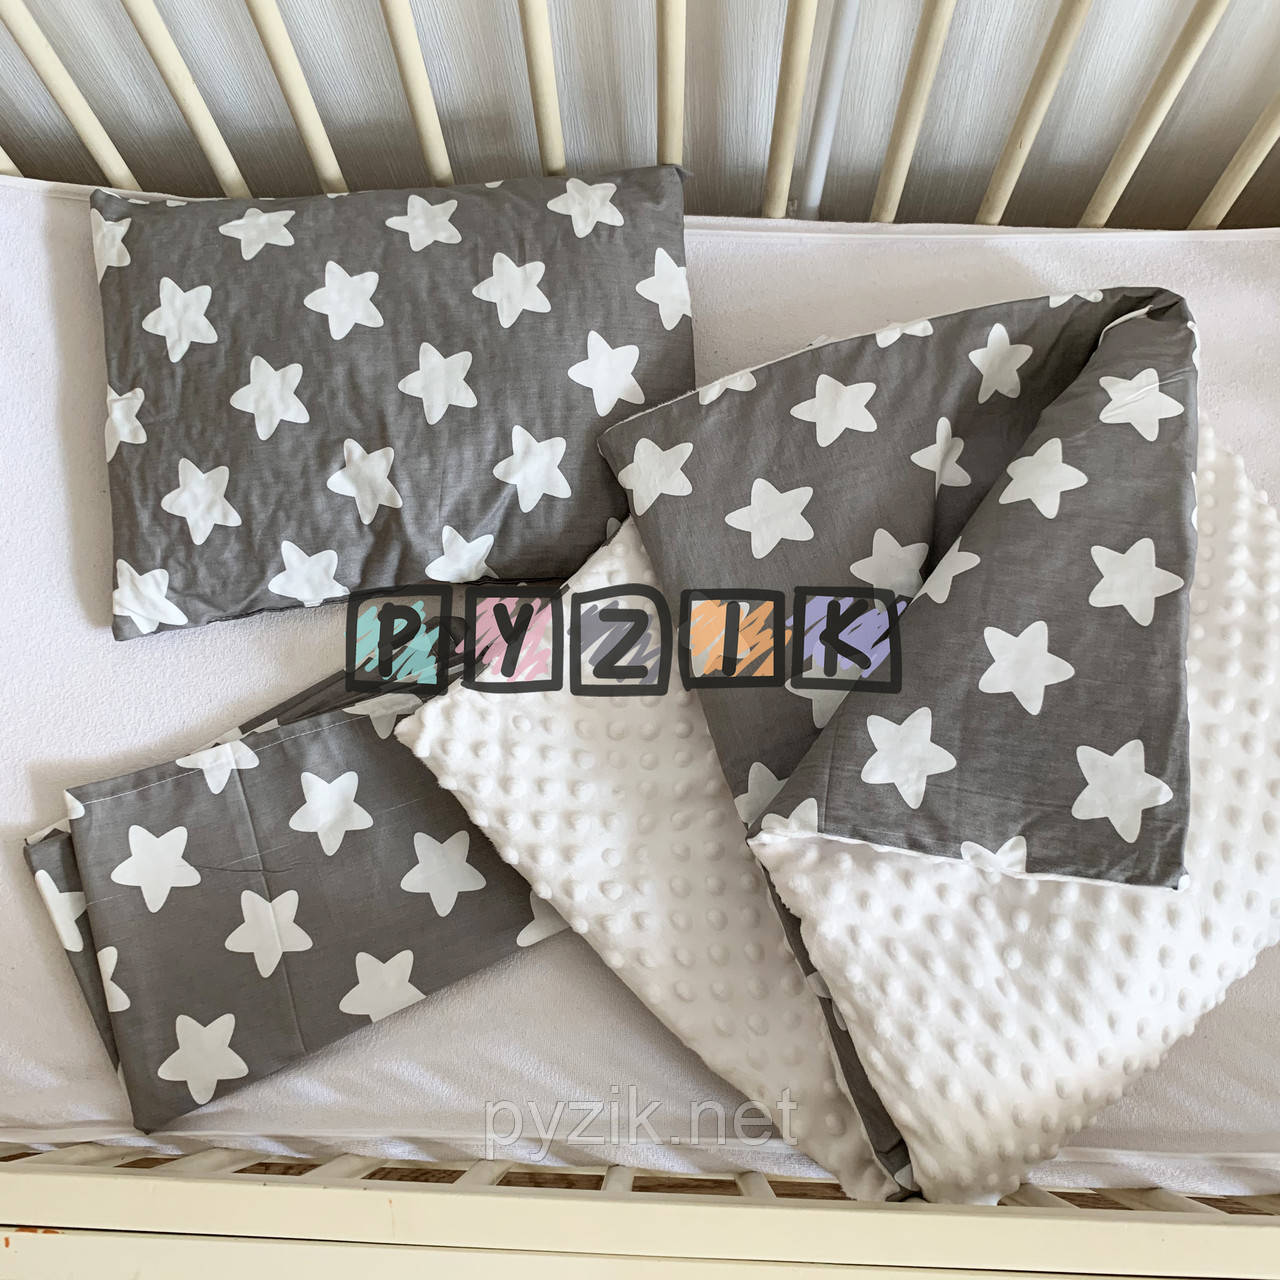 Комплект для коляски (подушка, покривало, простирадло), Молочний/Зірки